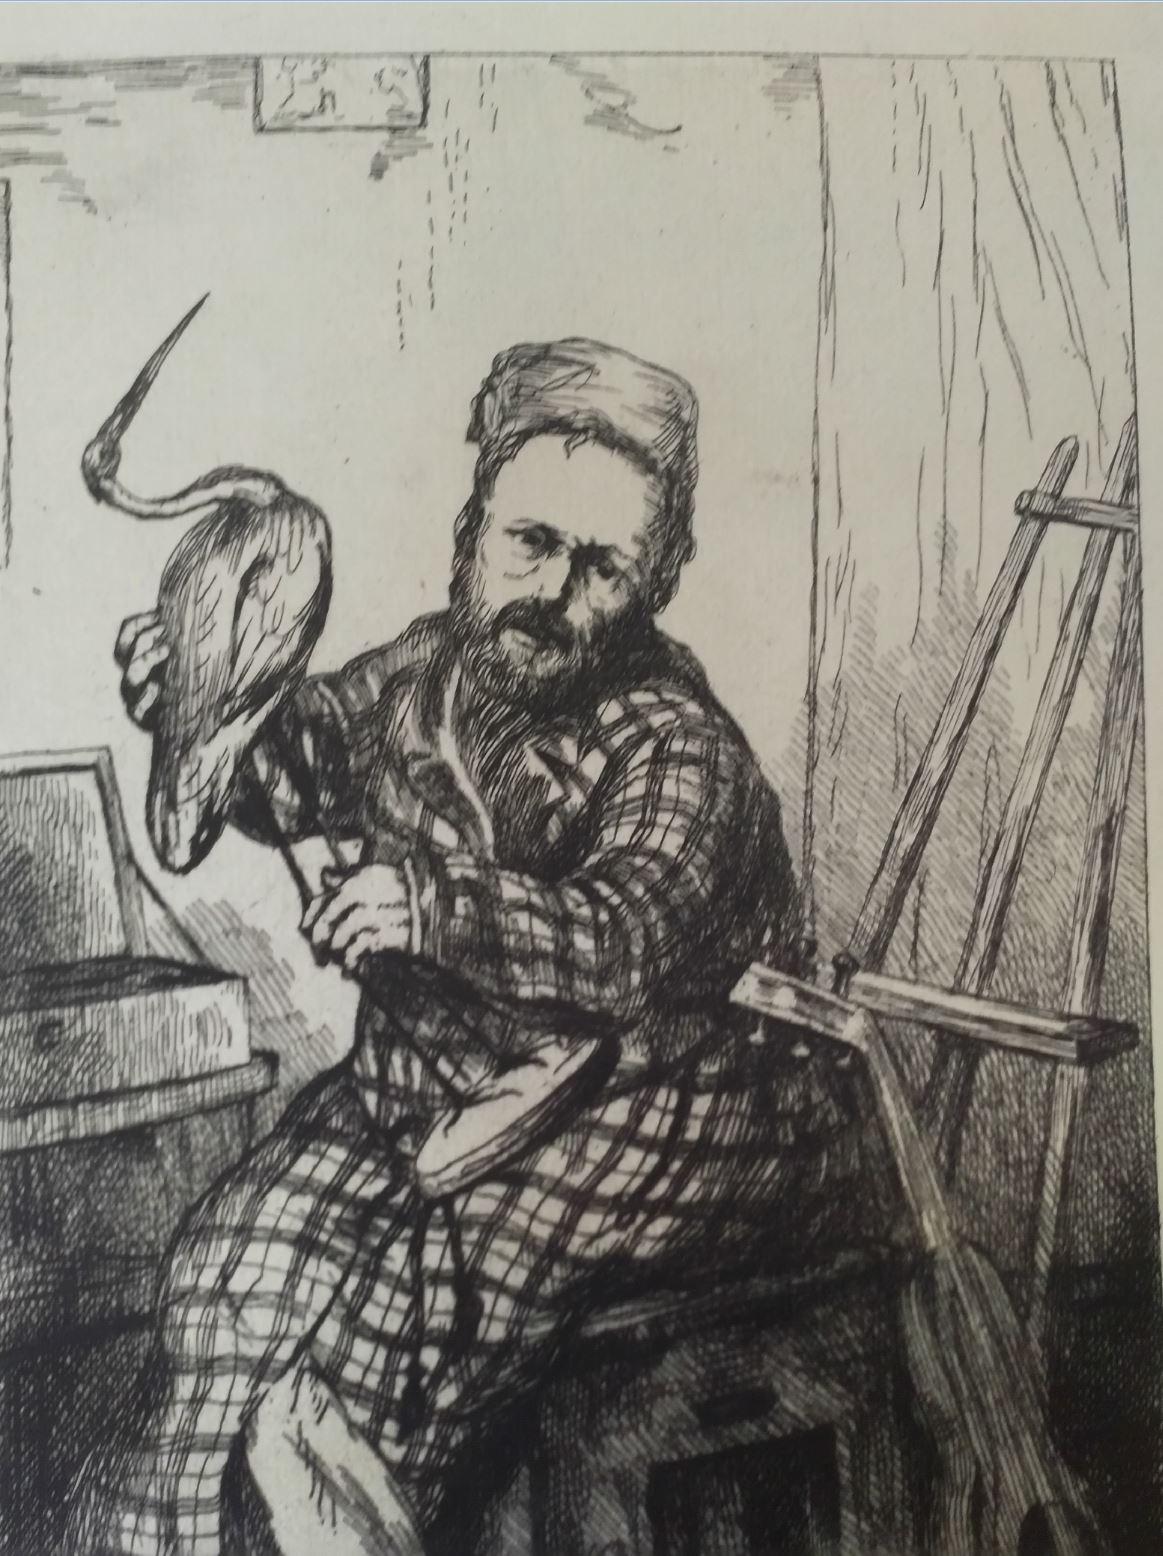 Leopold Armand Hugo BNF Autoportrait en ornithologue detail 1